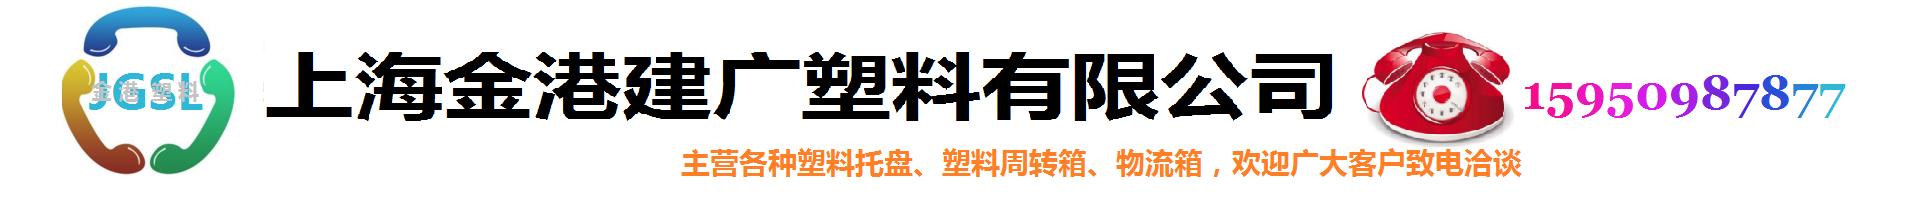 上海金港建廣塑料有限公司